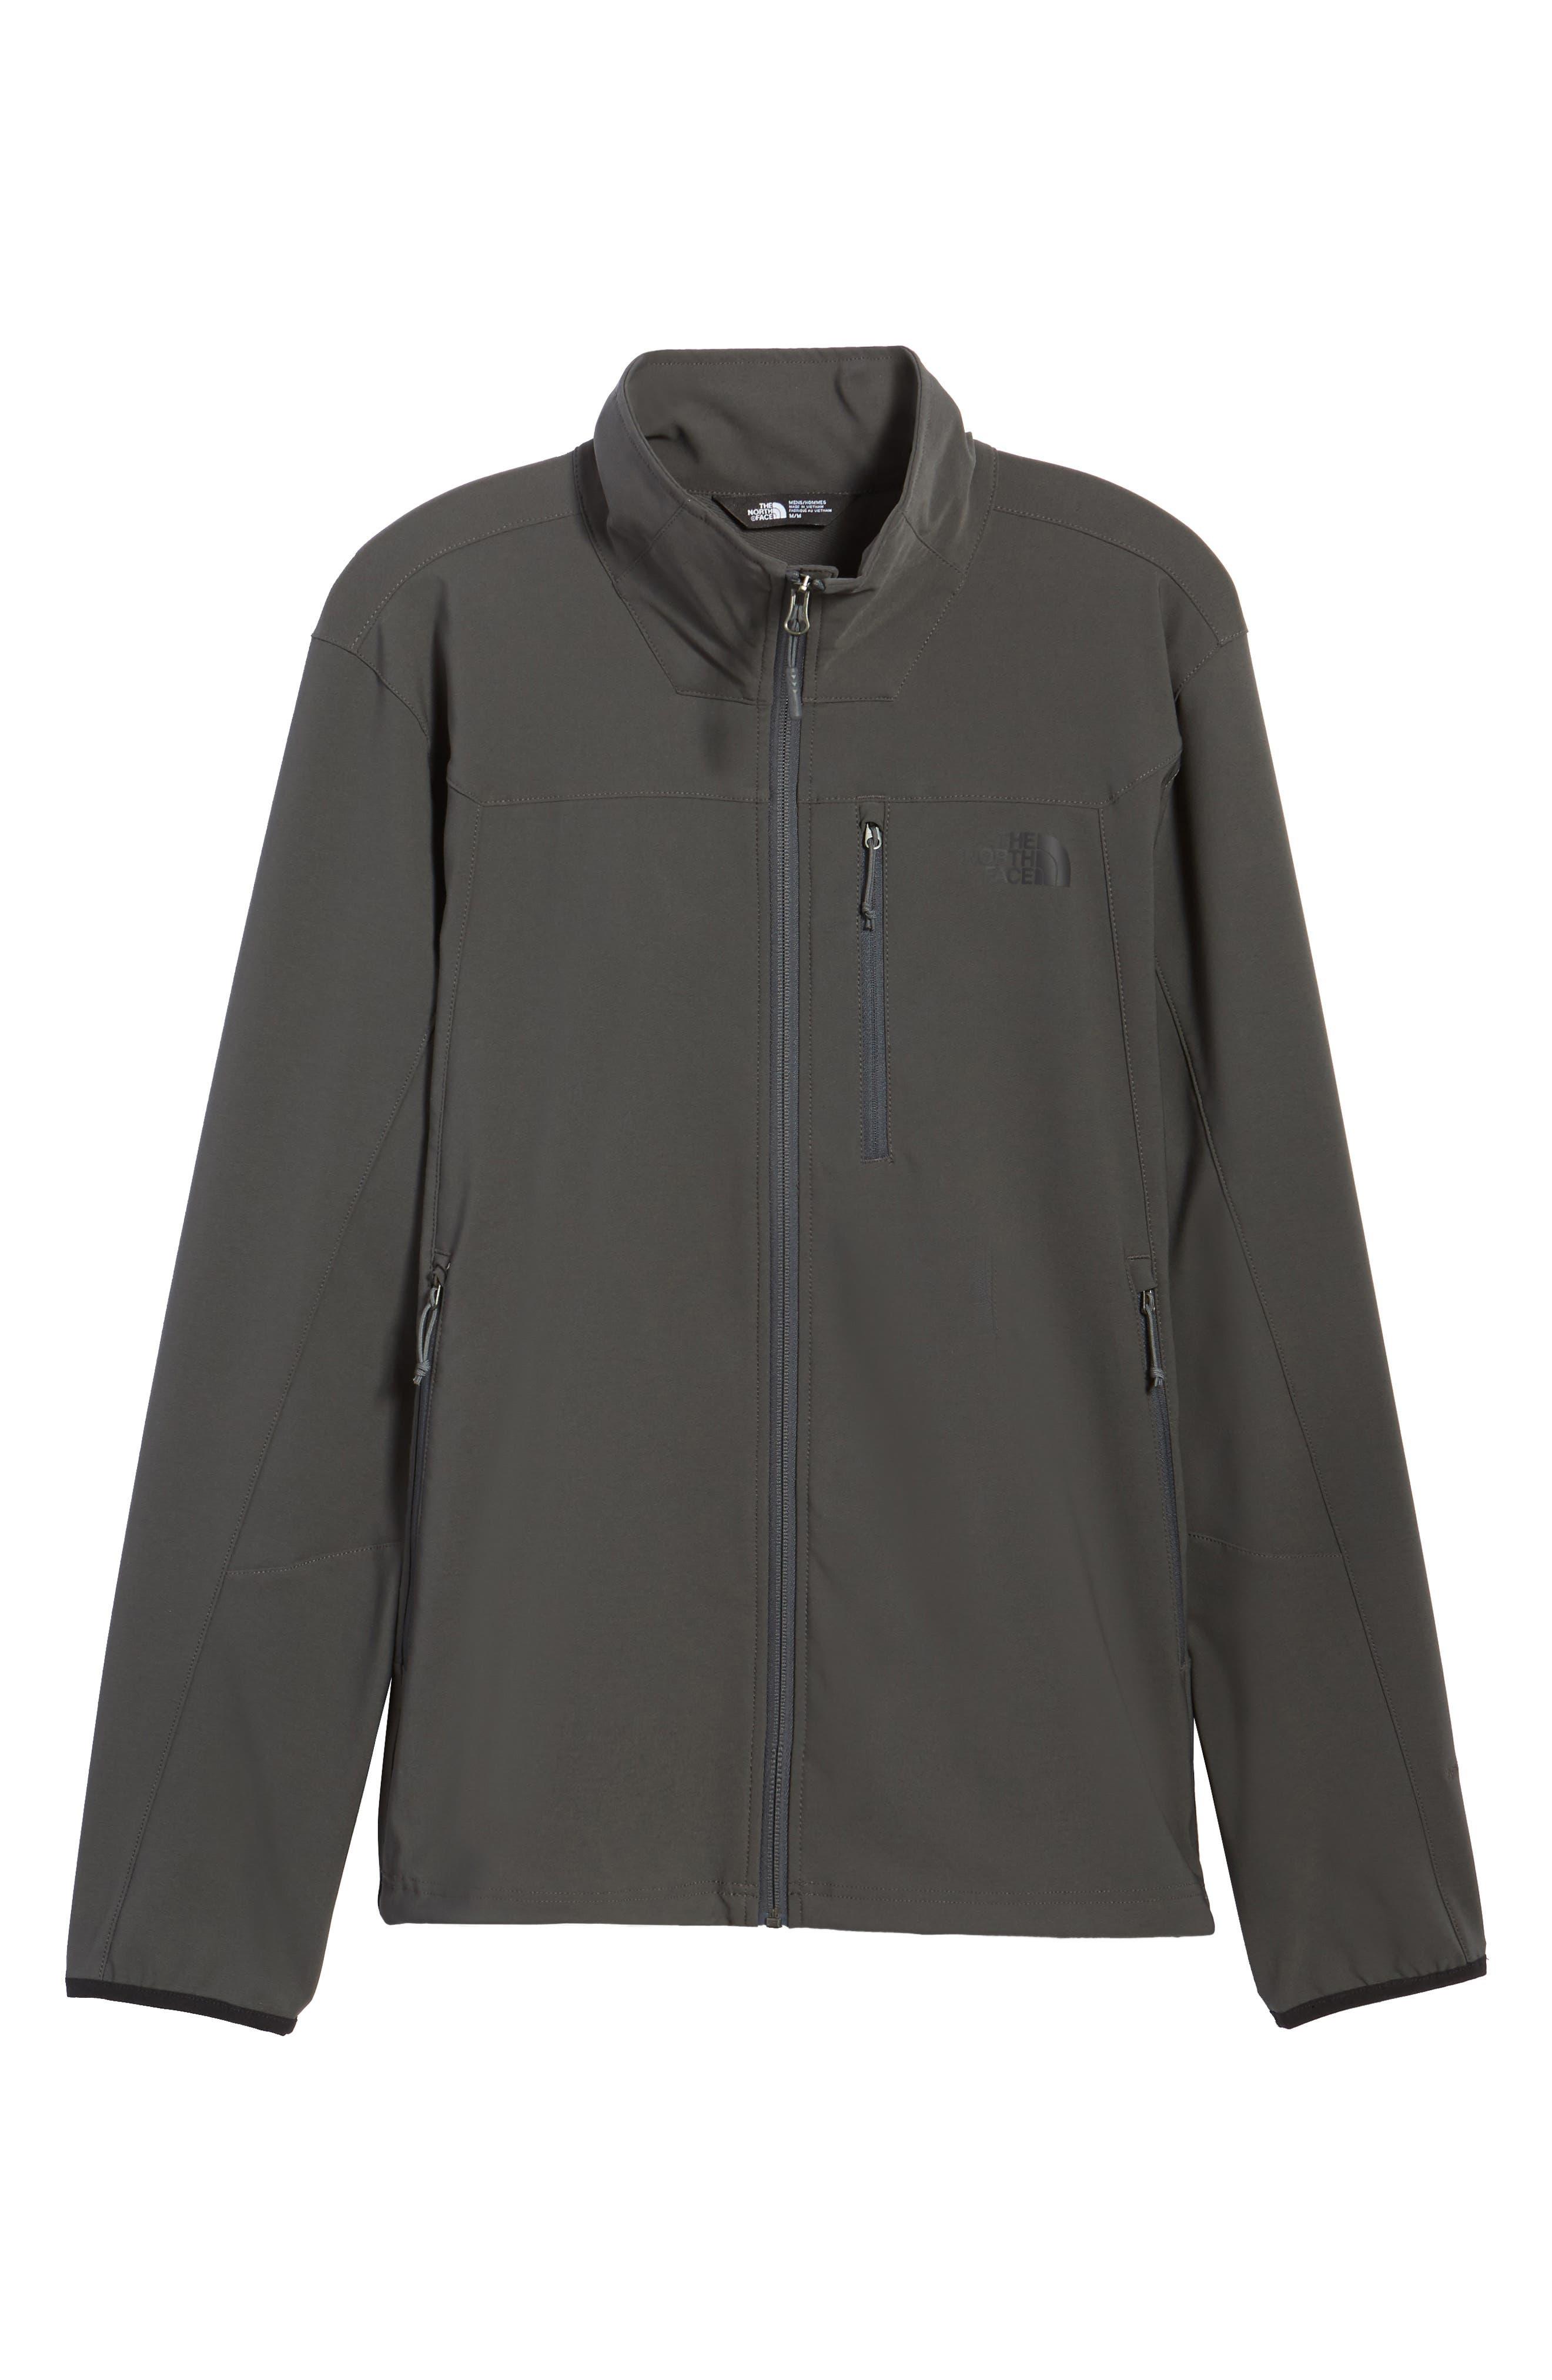 Apex Nimble Jacket,                             Alternate thumbnail 6, color,                             Asphalt Grey/ Asphalt Grey